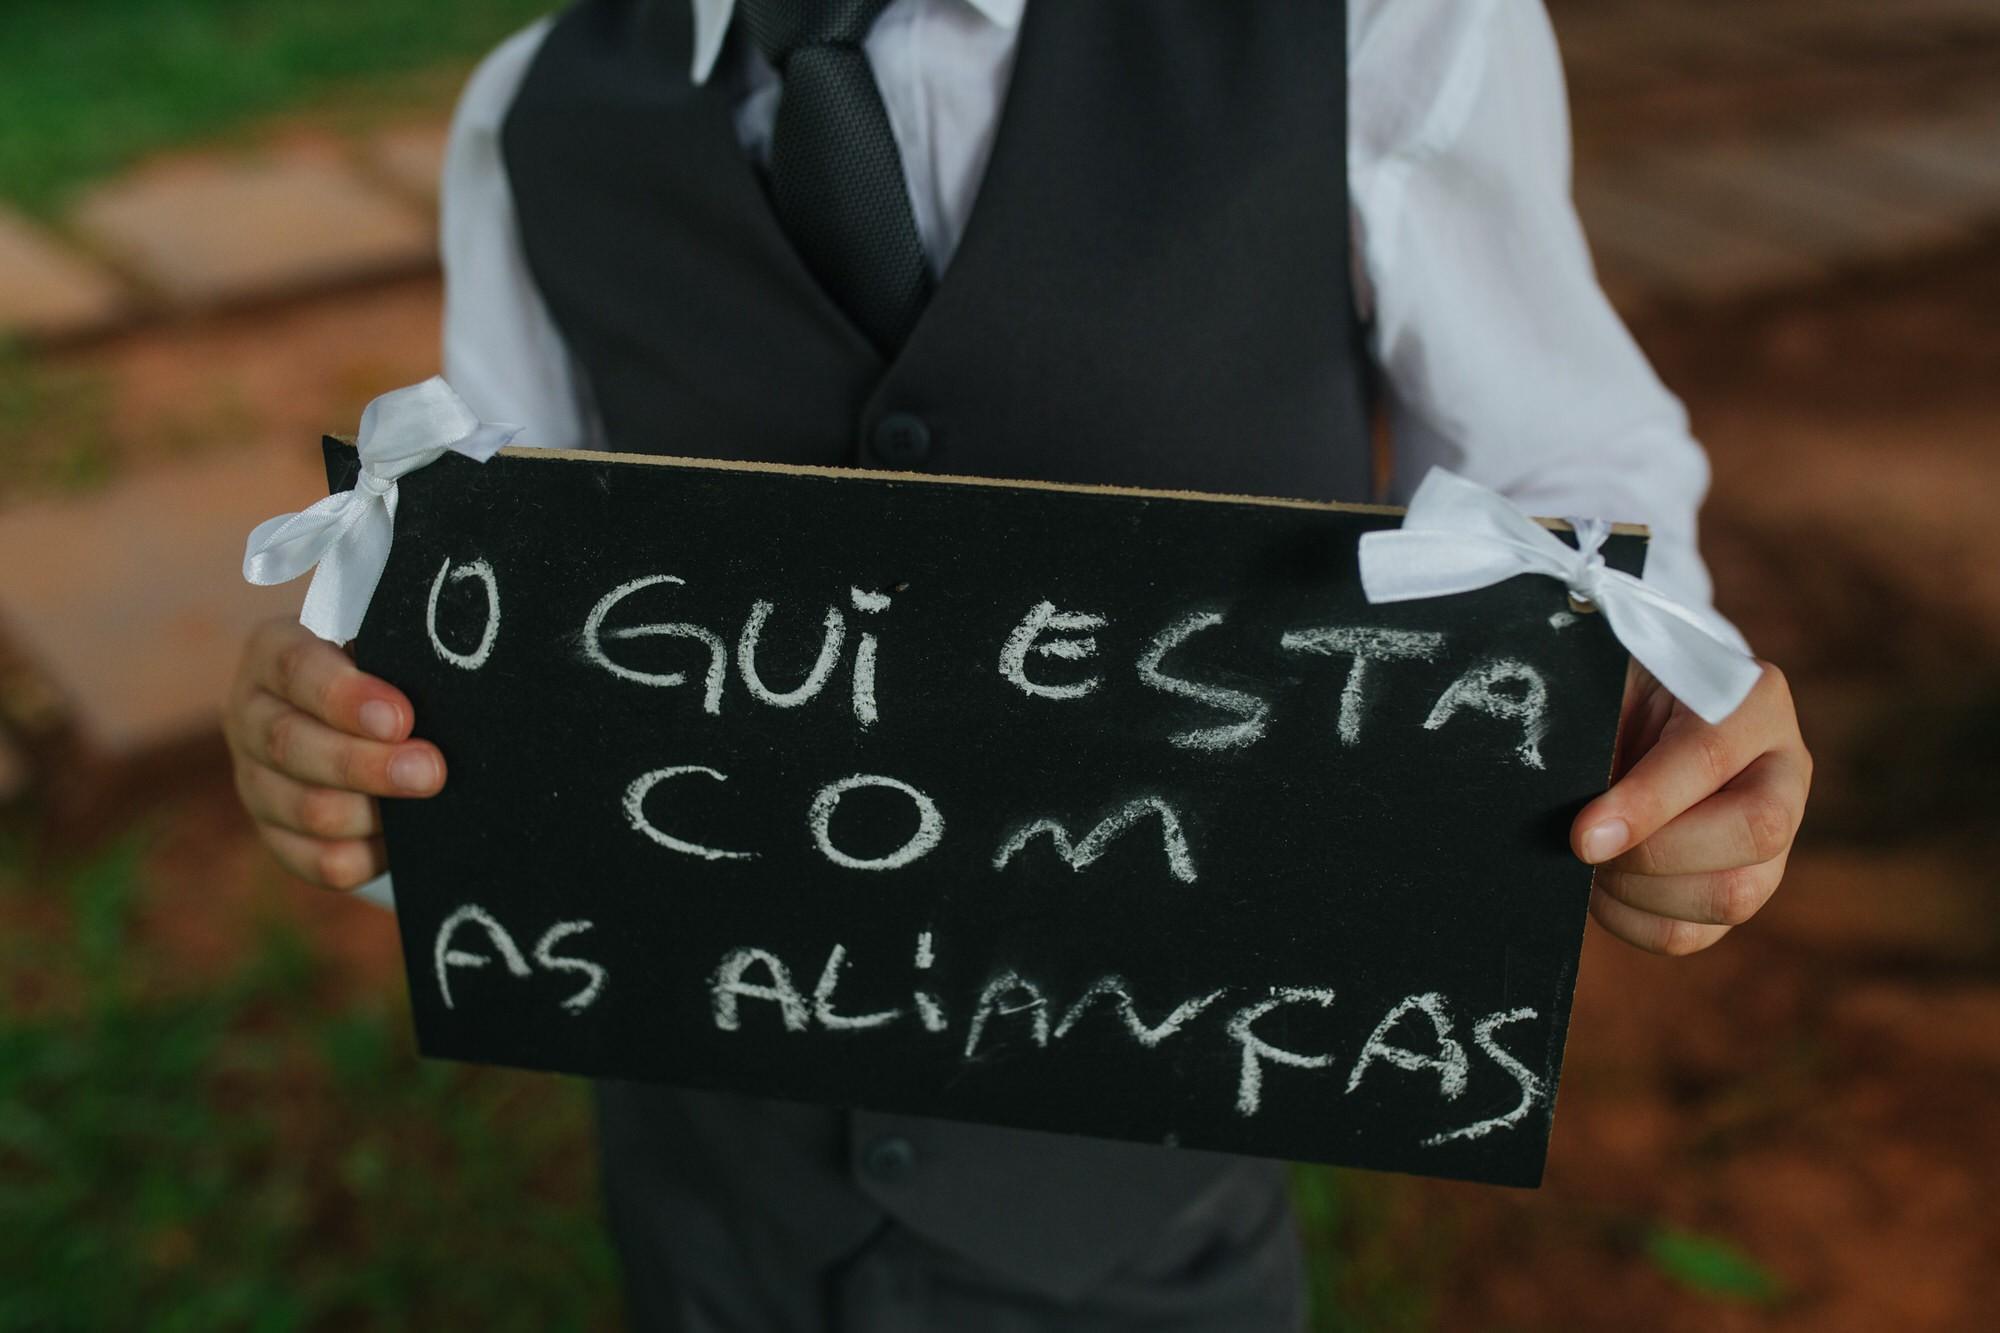 Fabio e Gisele - Casamento em Mundo Novo - MS por Lorran Souza e Léia Sotile - fotografo de casamentos - 00013